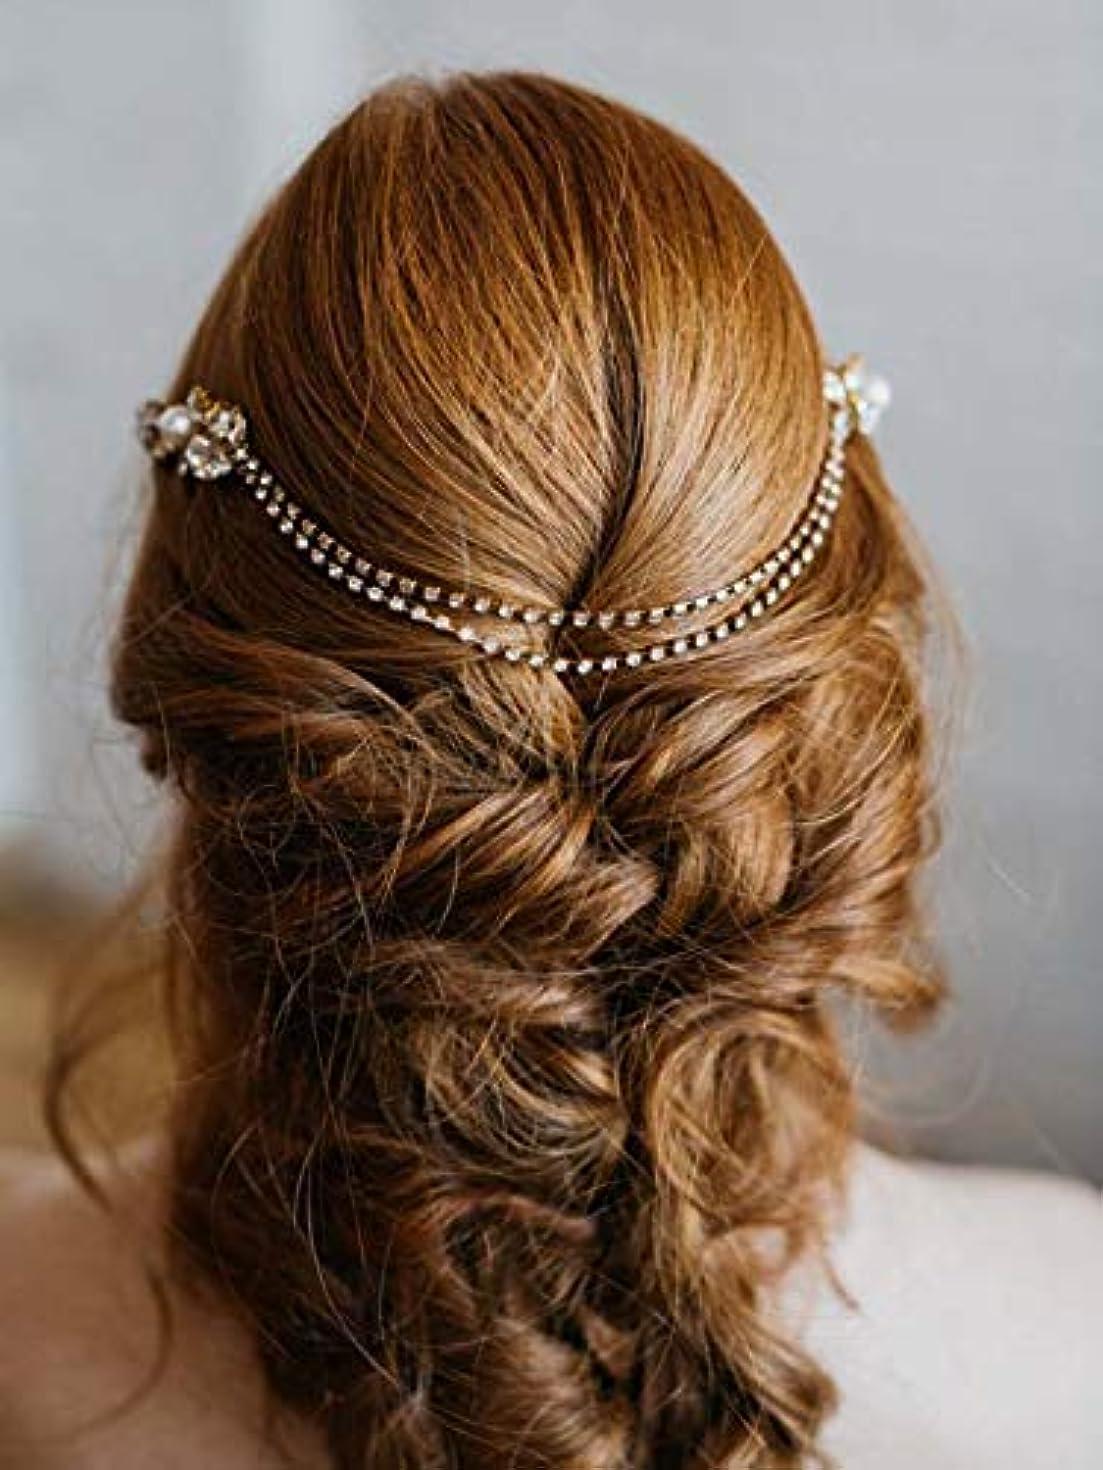 払い戻し出血若者Aukmla Wedding Hair Accessories Flower Hair Combs with Chain Decorative Bridal for Brides and Bridesmaids (Silver...